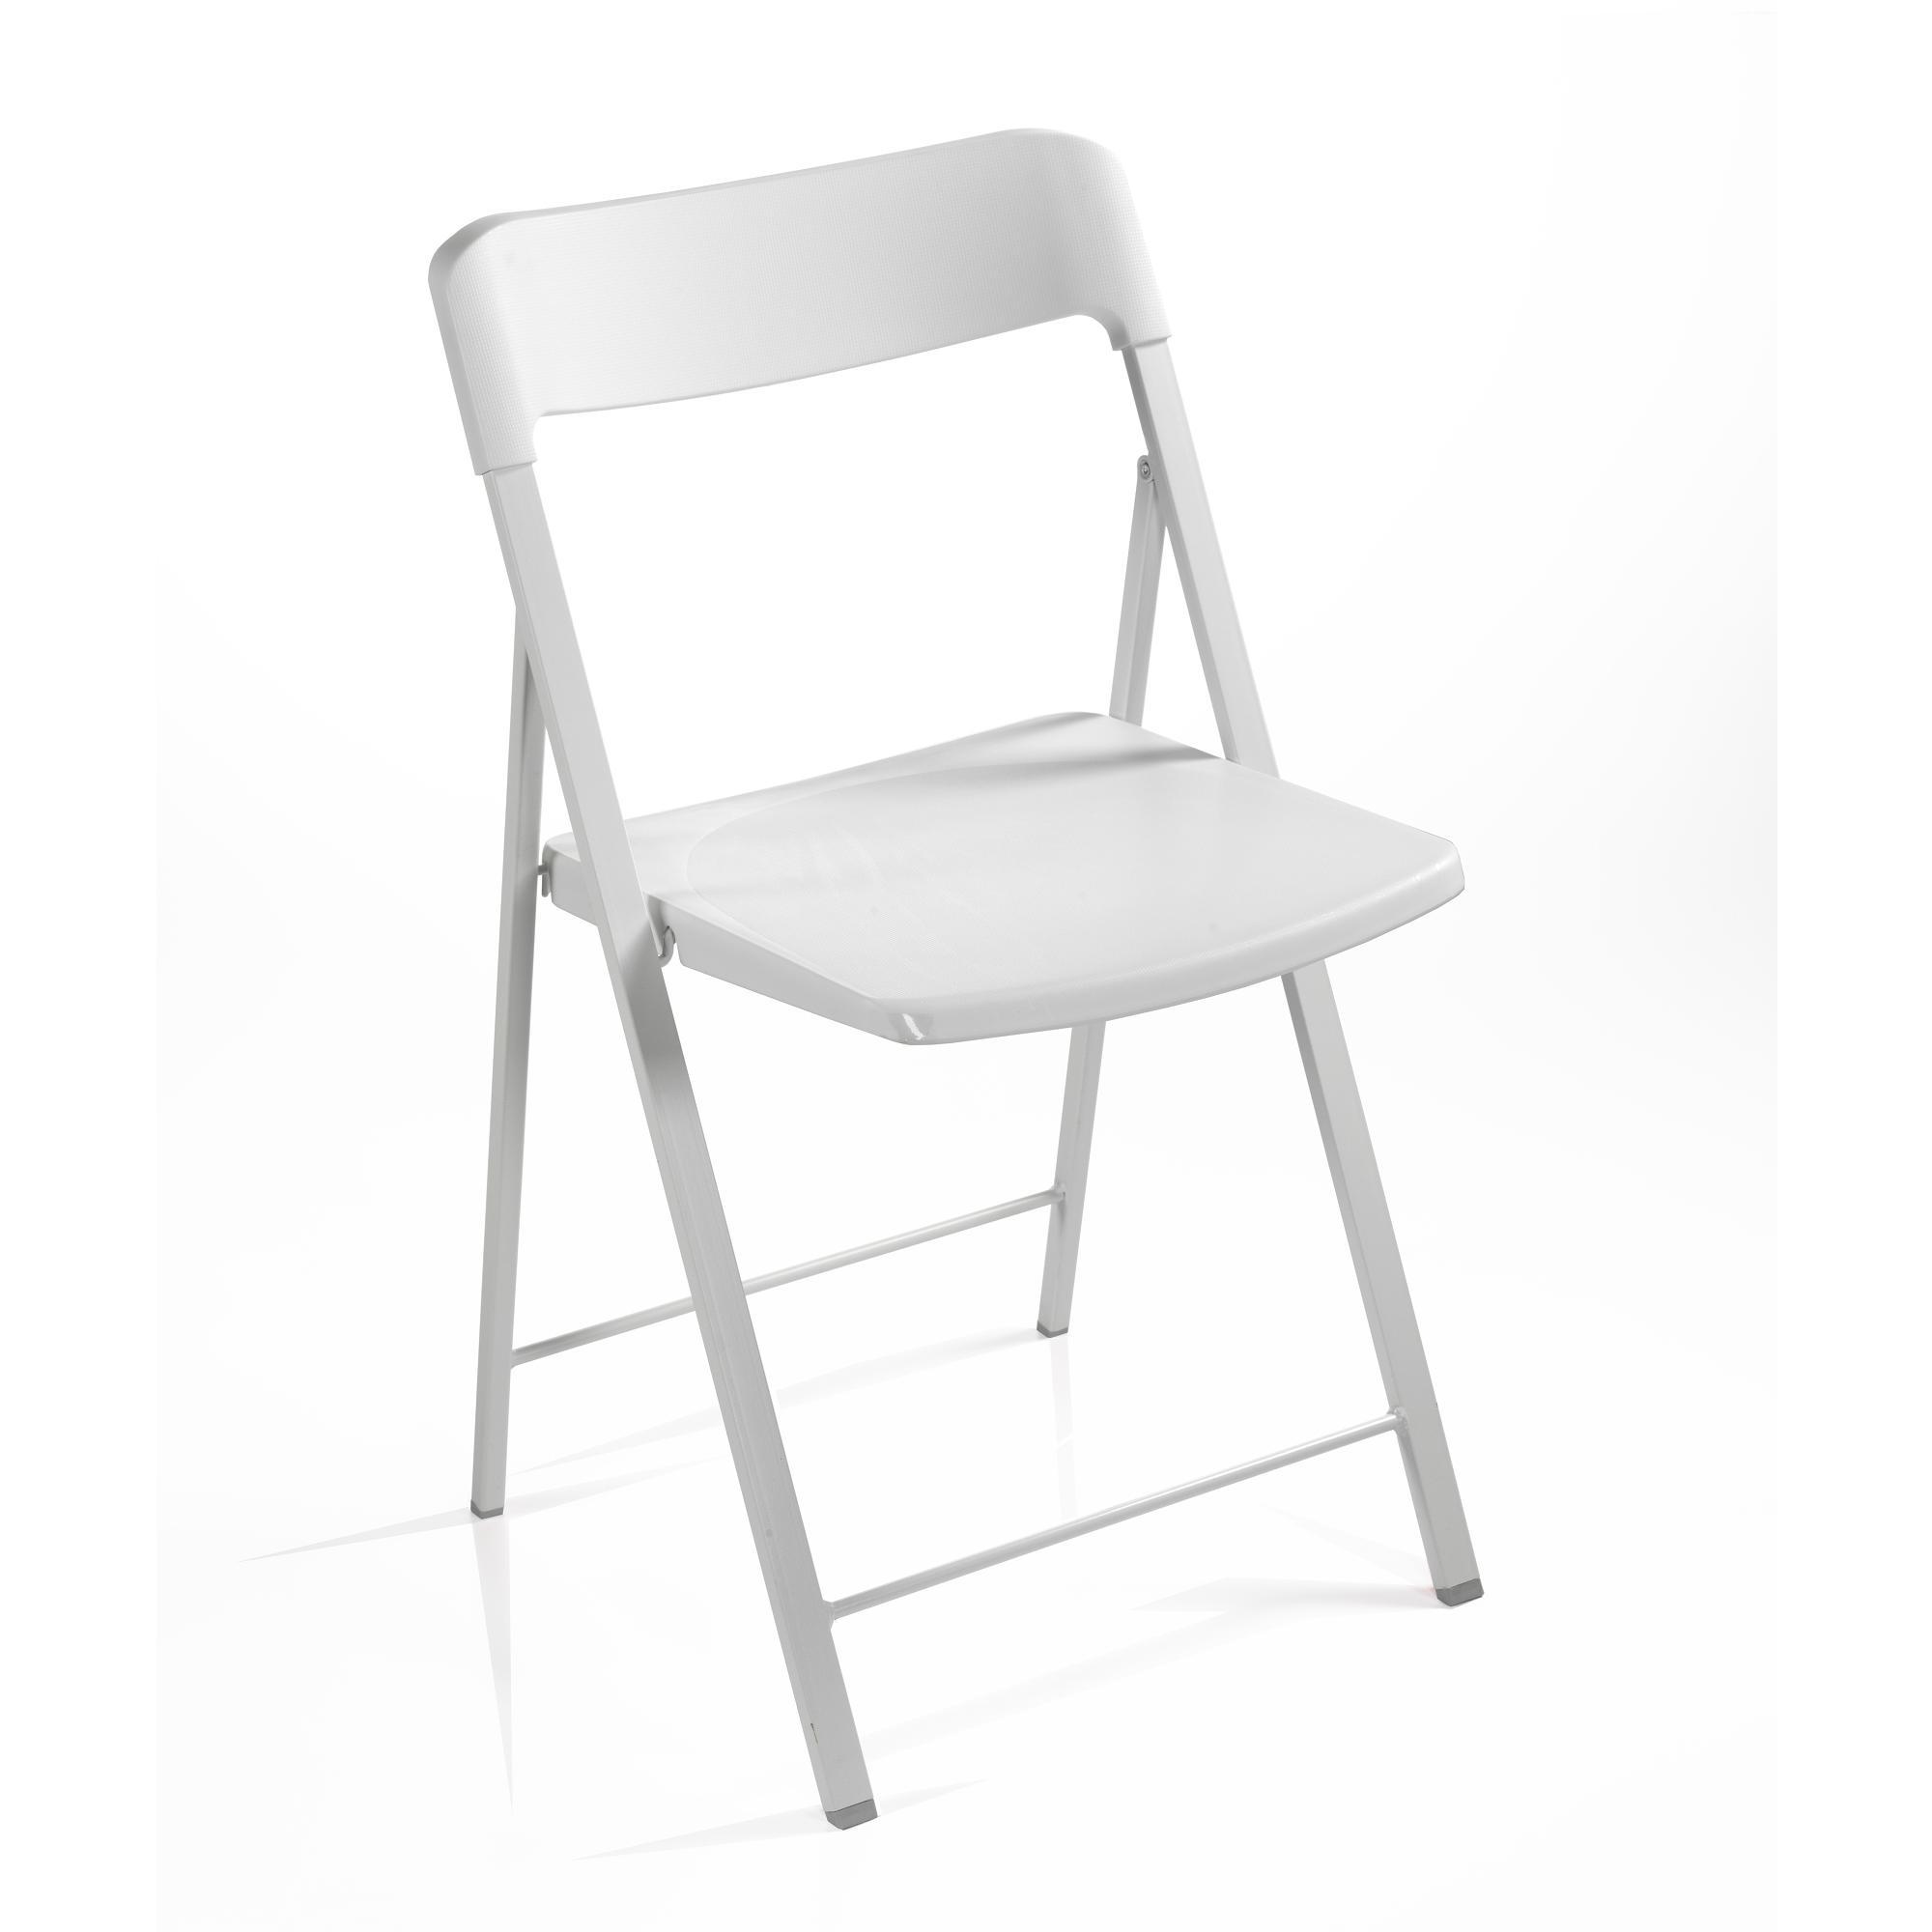 Sedia pieghevole richiudibile ZETA con struttura Alluminio verniciata bianca . seduta e schienale in plastica Bianco | Pezzani srl